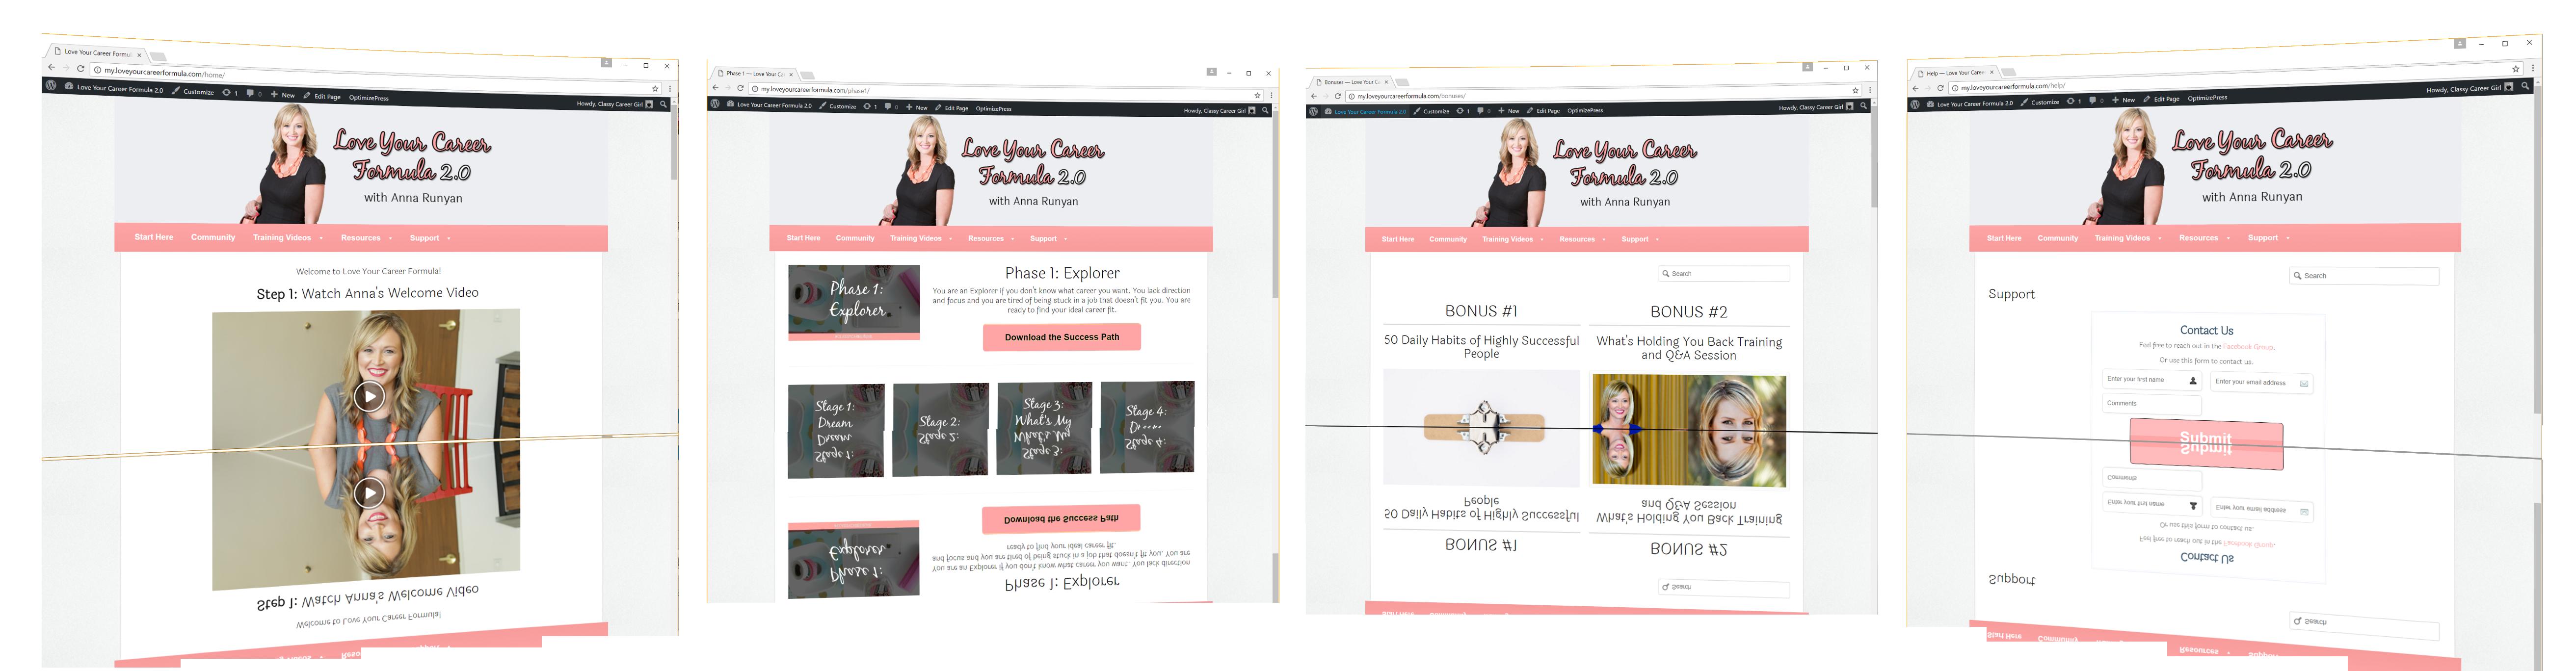 LYCF website screenshot